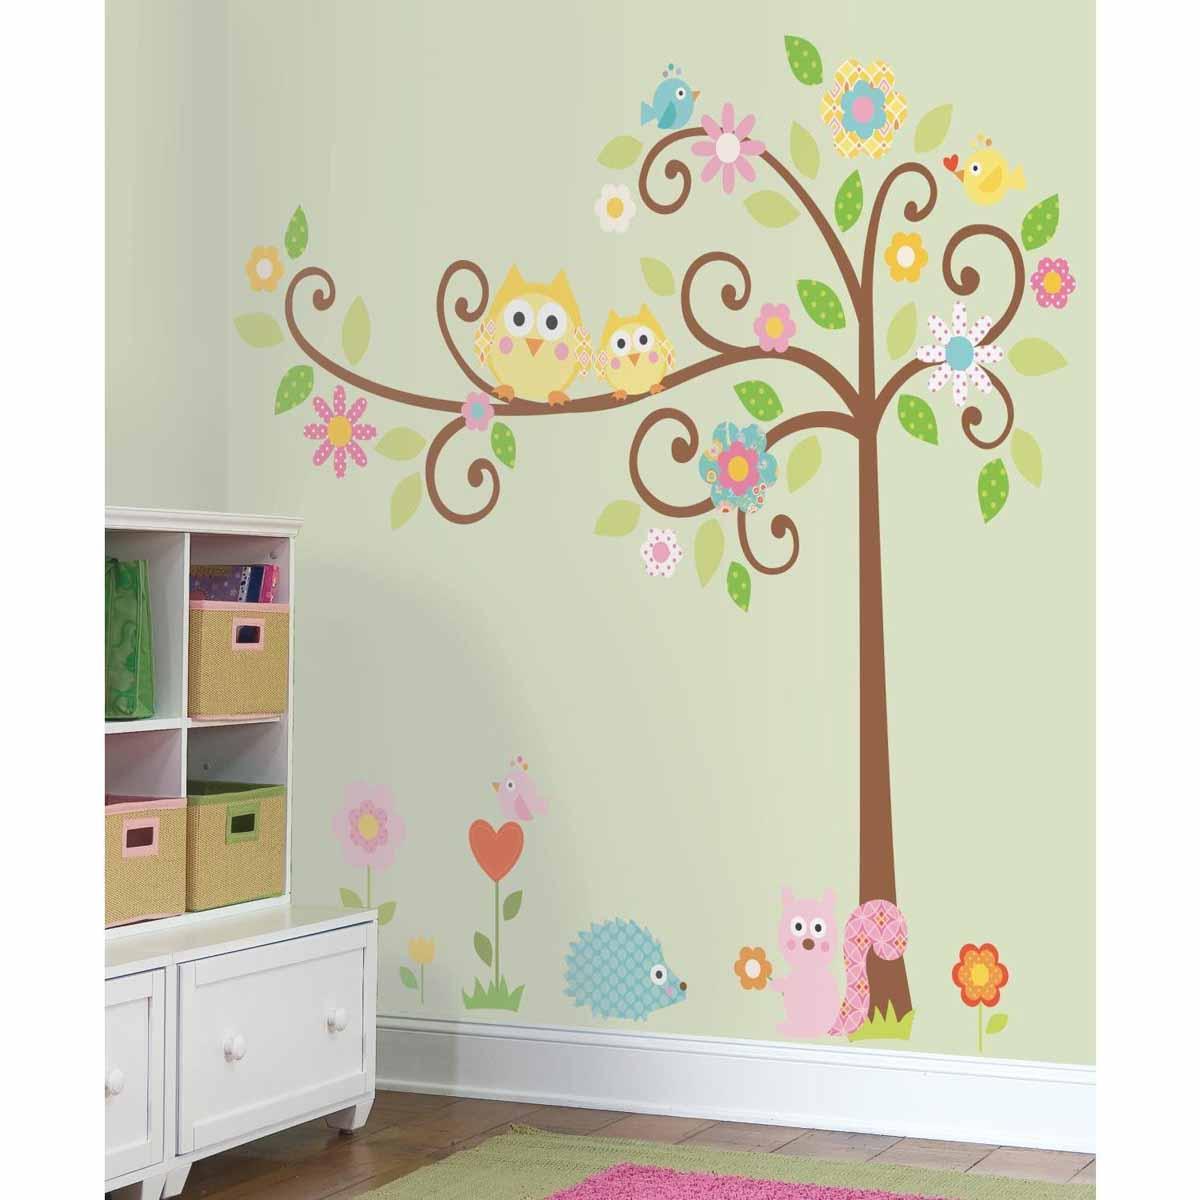 RoomMates Наклейка интерьерная Дерево с завитками 80 шт наклейка на стену space art